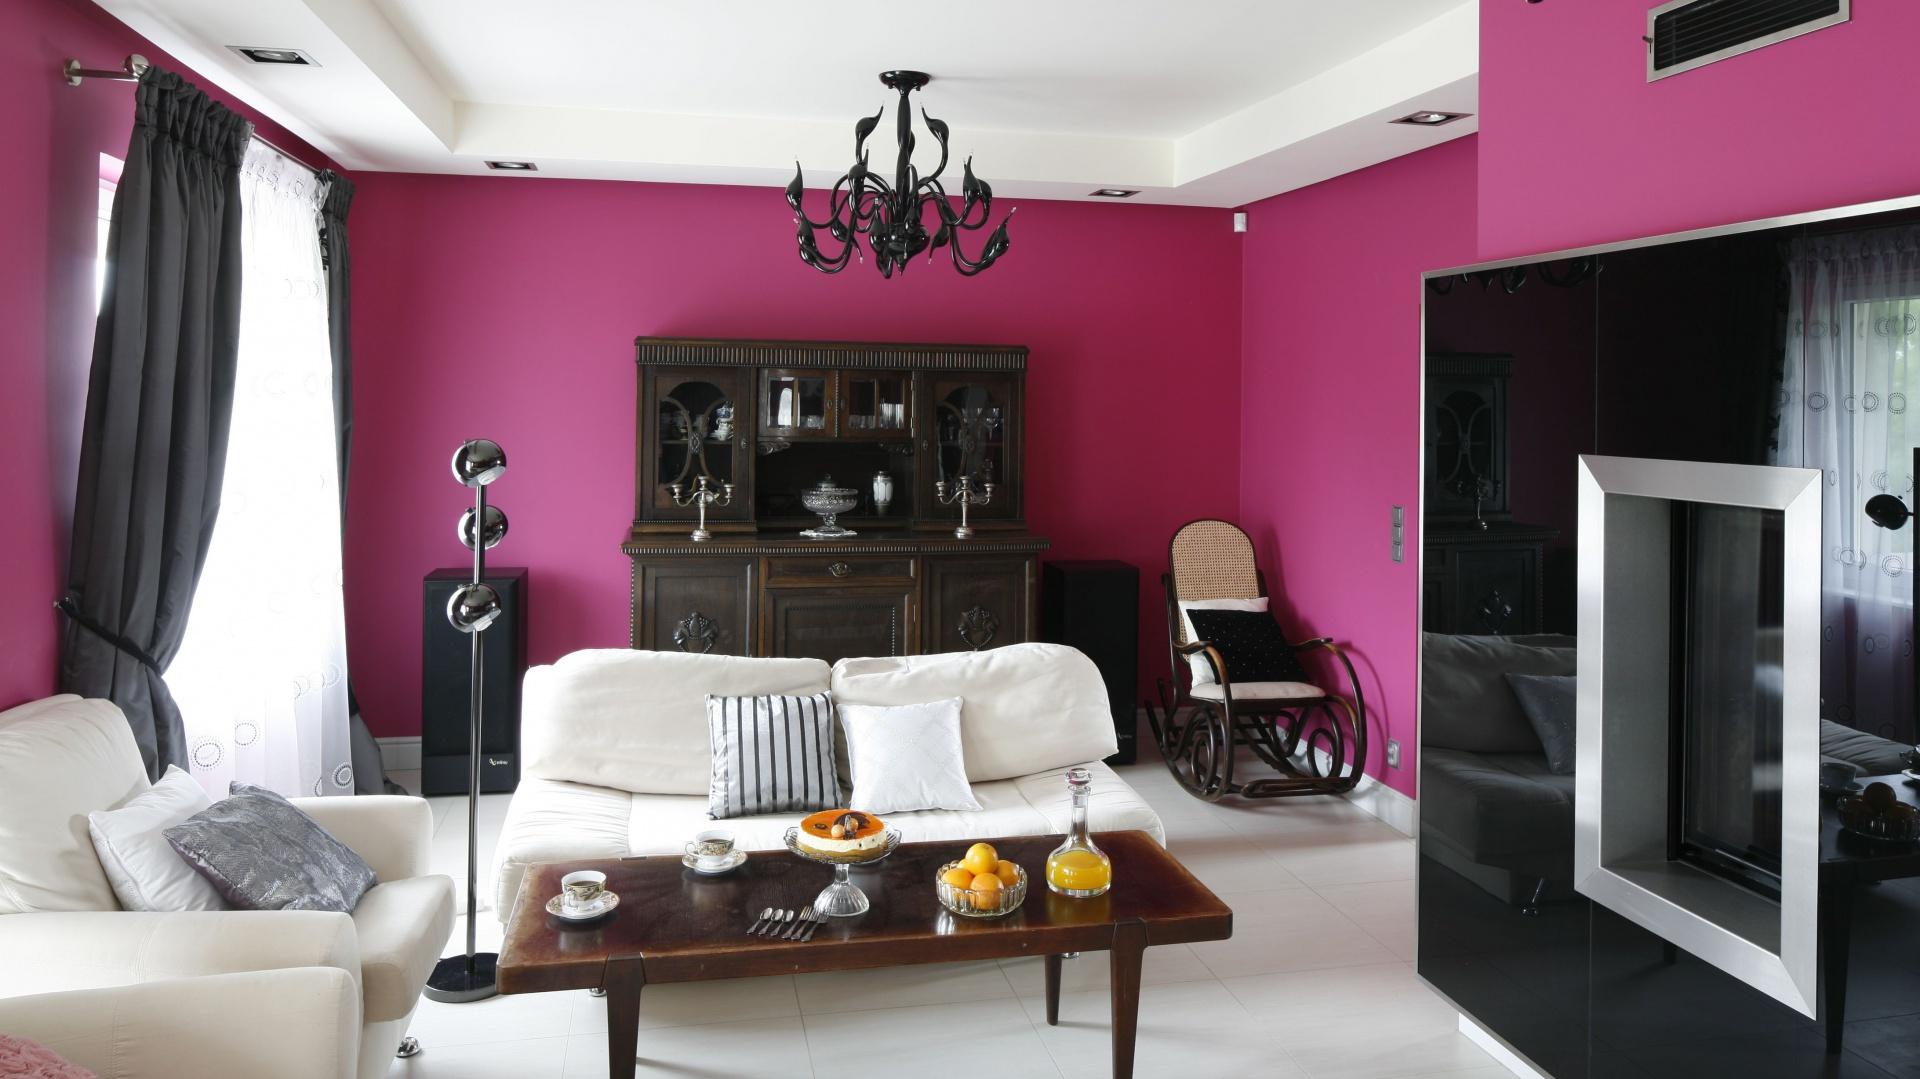 Cała przestrzeń salonu została wykorzystana do maksimum. Białe meble w połączeniu z dawnym kredensem i stolikiem tworzą idealne tło do czarnego kominka.